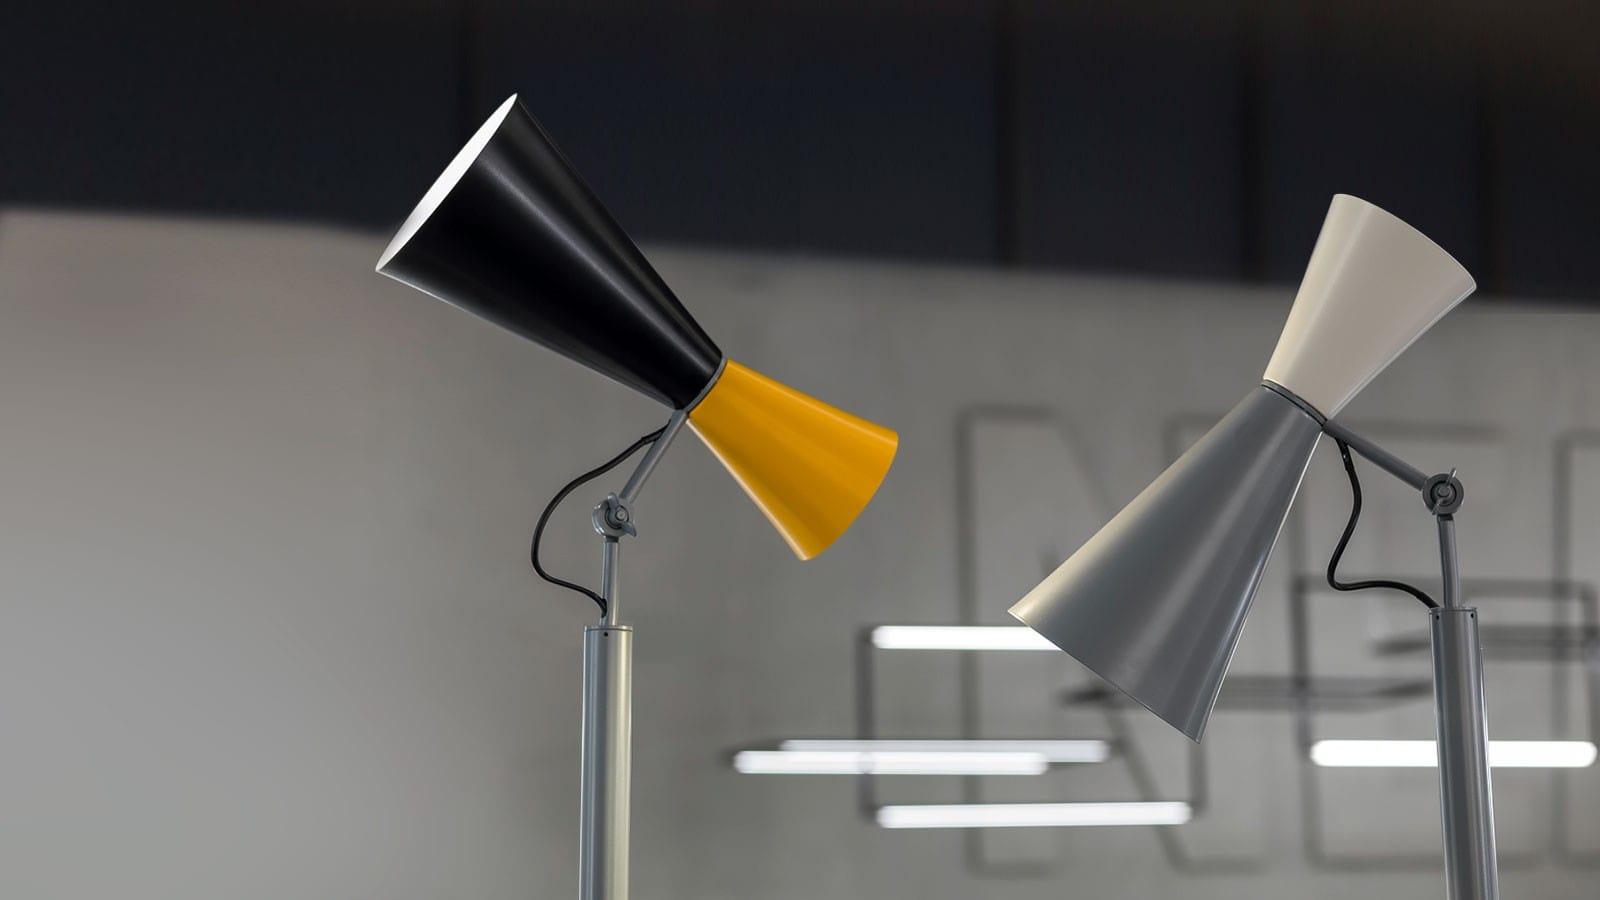 Parliament lampada da terra nemo acquista online deplain.com